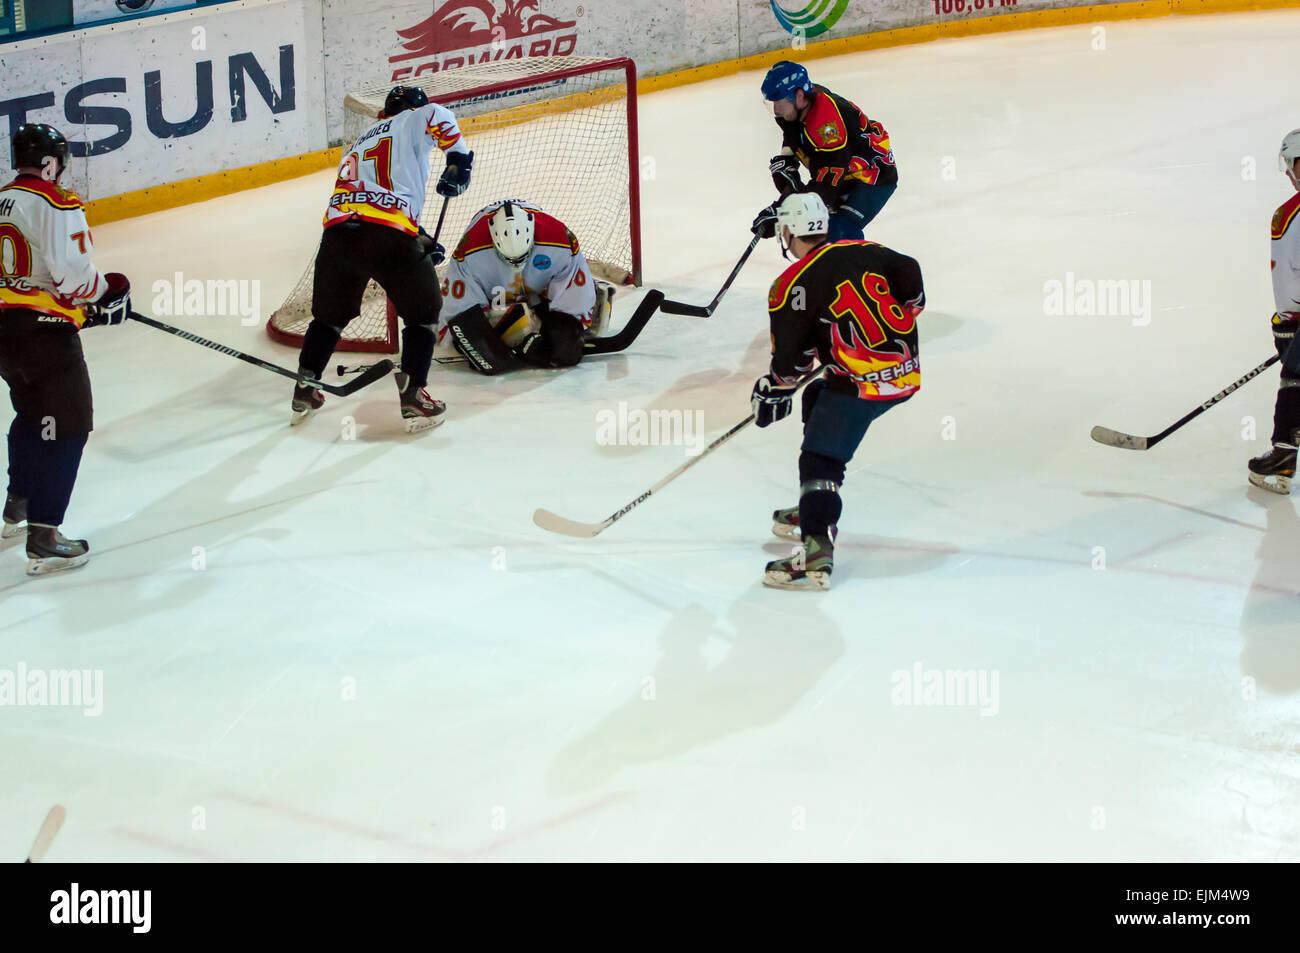 Ungewöhnlich Hockeyschläger Rahmen Bilder - Benutzerdefinierte ...